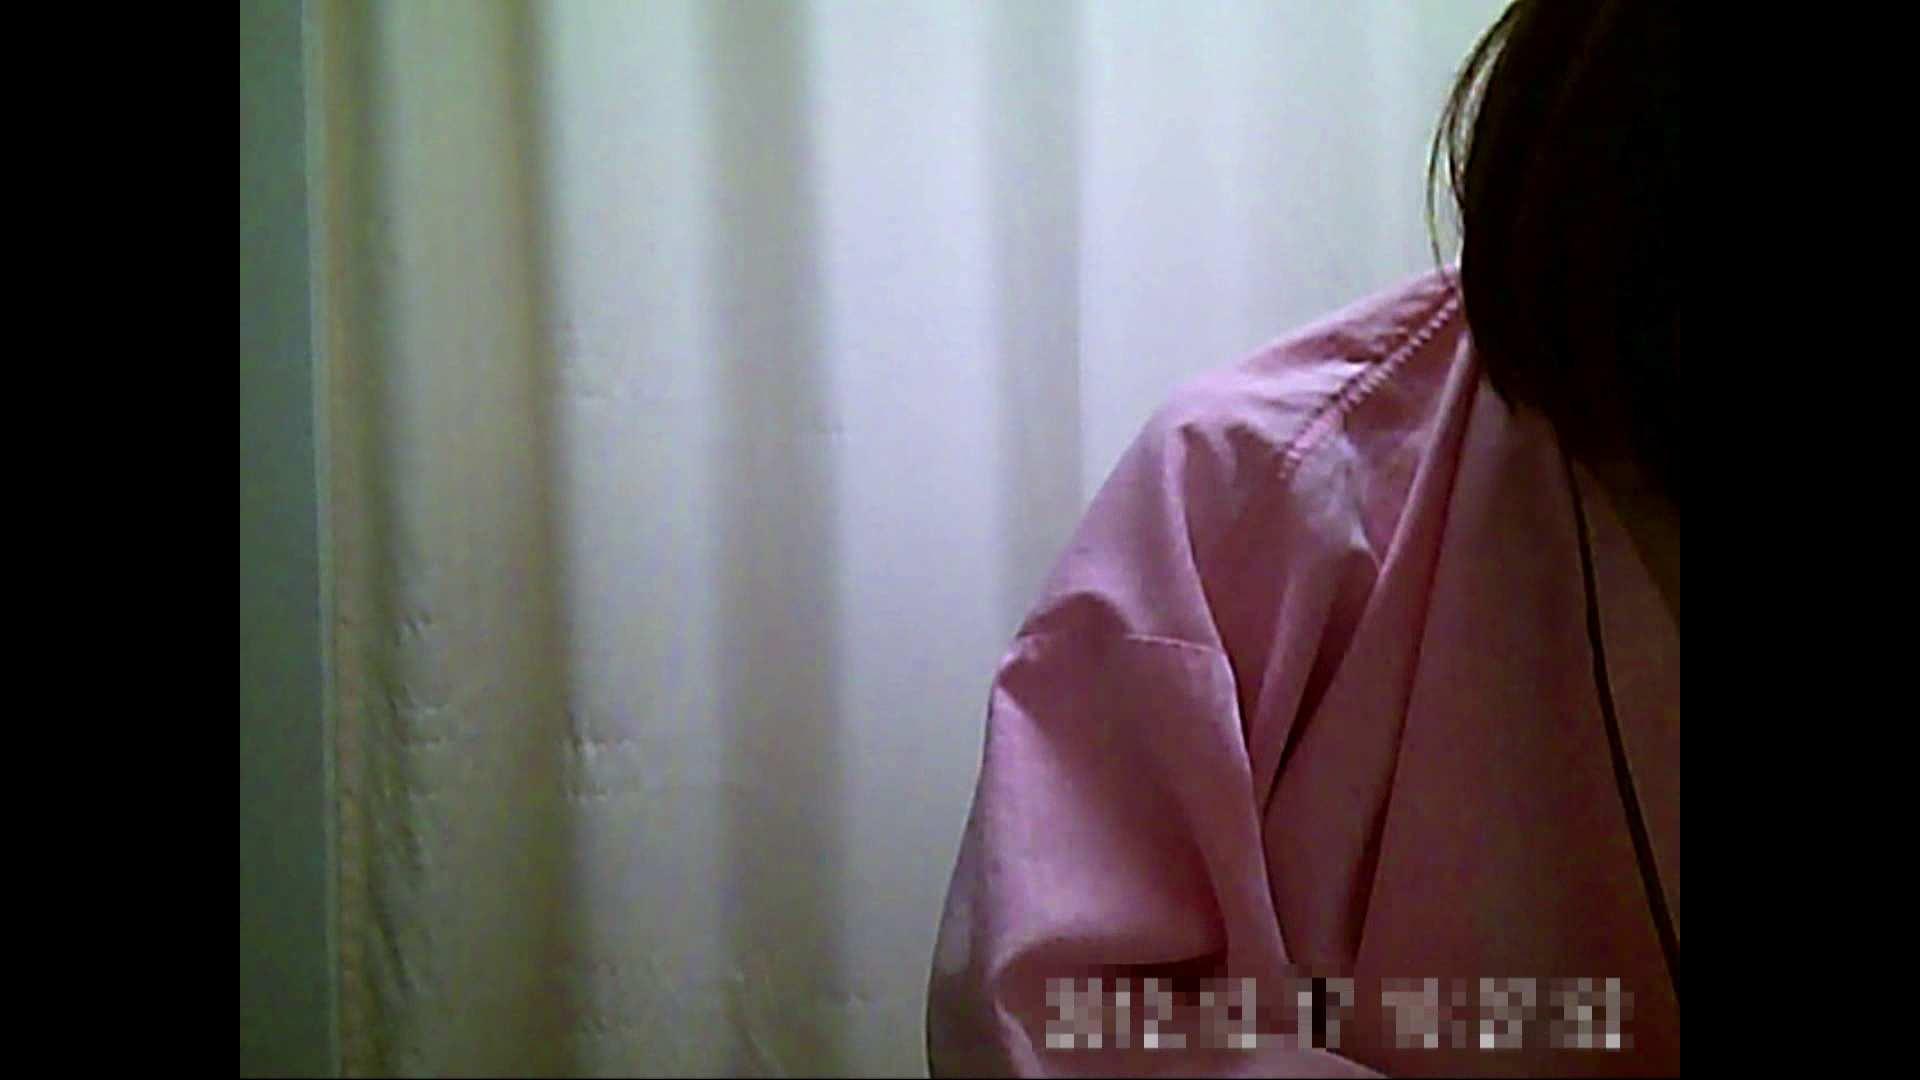 元医者による反抗 更衣室地獄絵巻 vol.117 OL  102pic 10